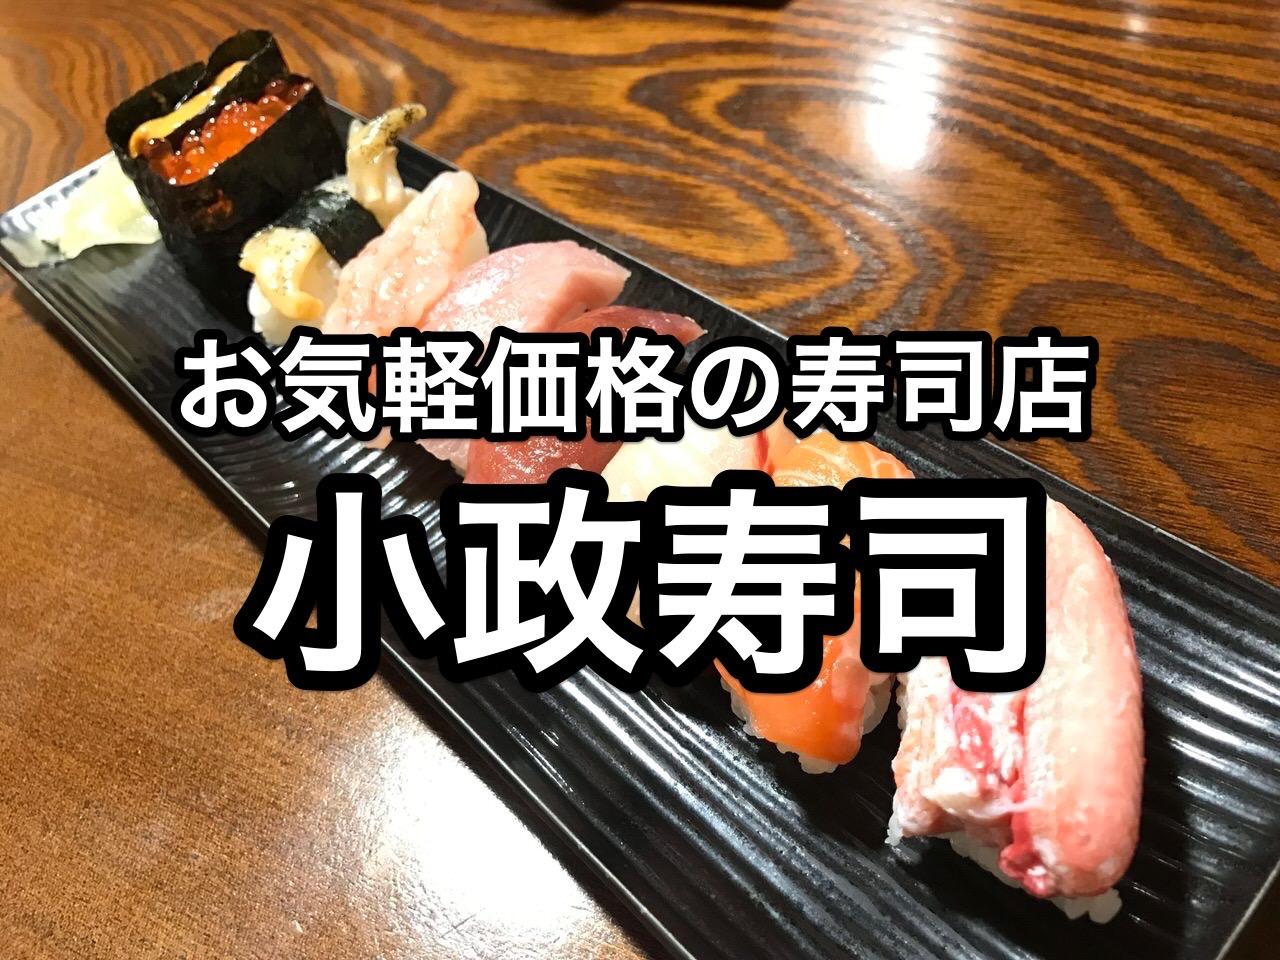 気軽に楽しめる寿司、つまり価格がリーズナブルで最高「お気軽寿司 小政寿司(魚津)」【富山】